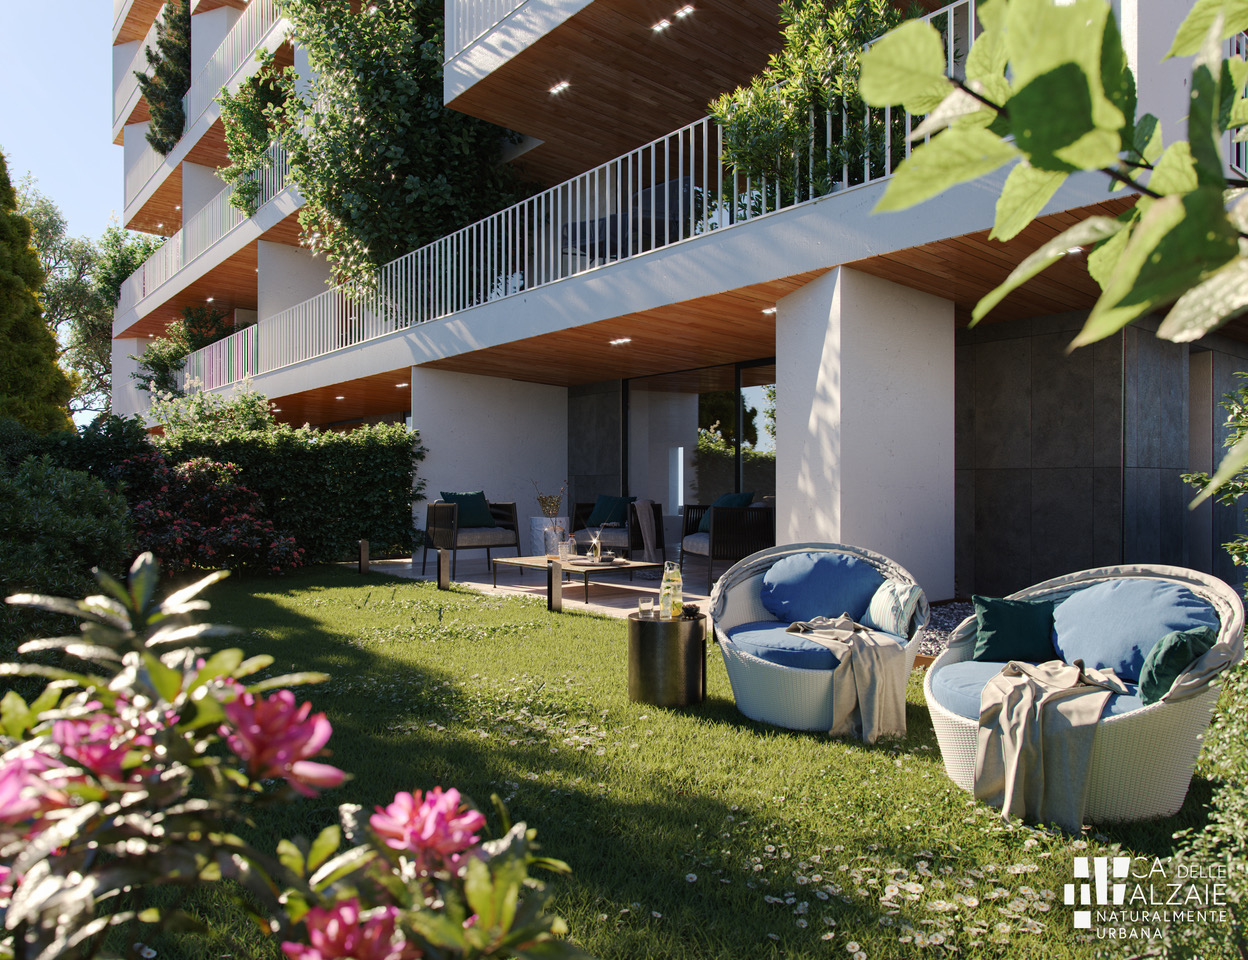 Appartamento in vendita a Treviso, 11 locali, zona Località: Restera, prezzo € 785.000 | PortaleAgenzieImmobiliari.it